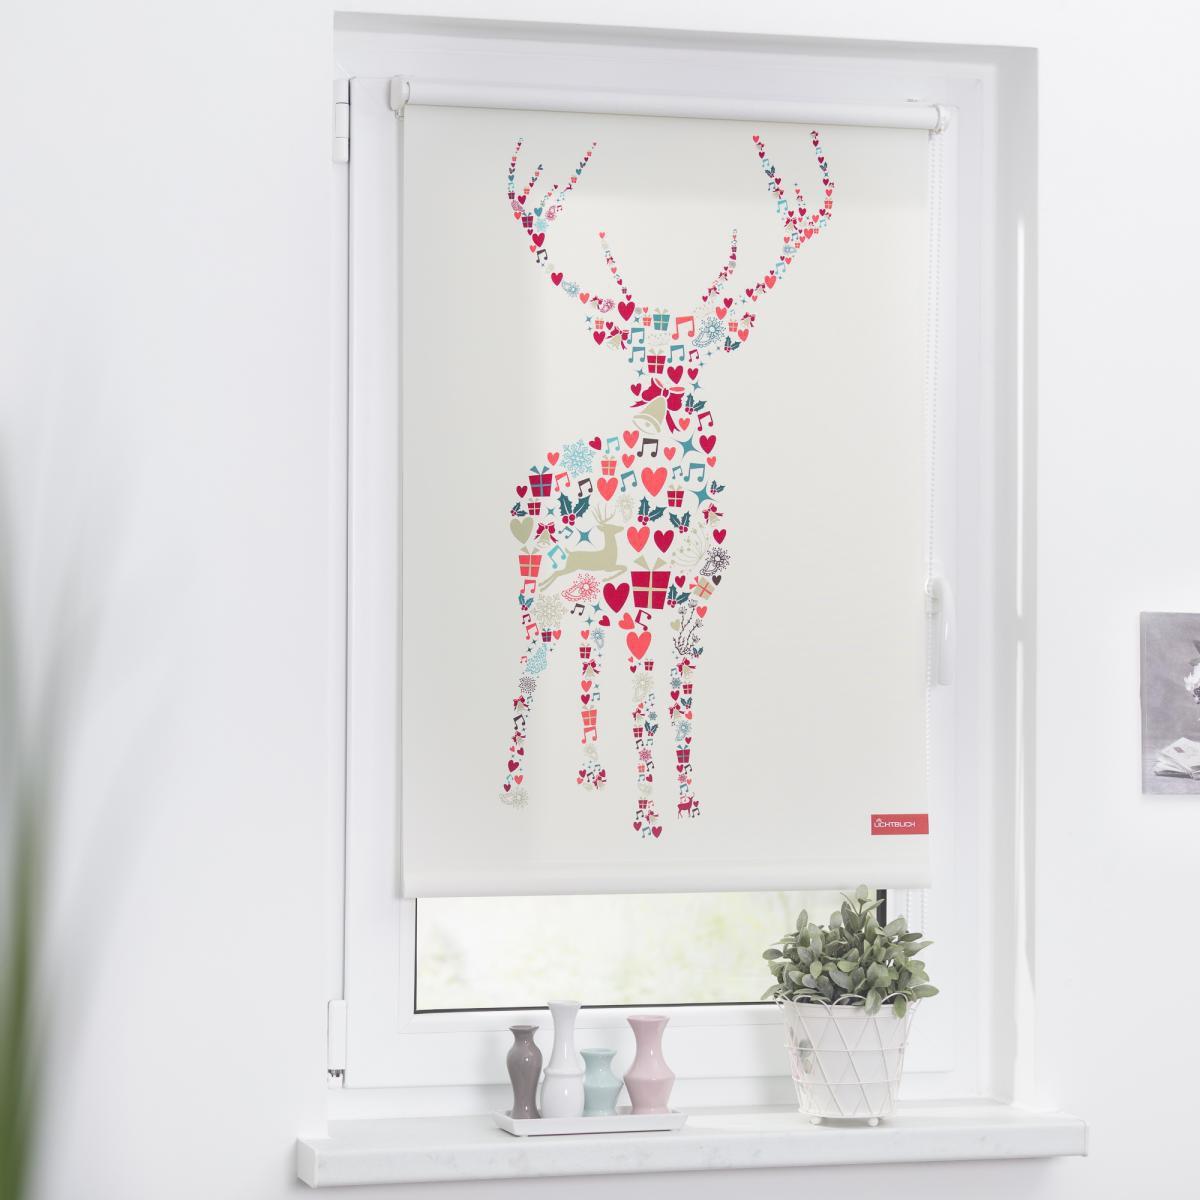 Bild 2 von Lichtblick Rollo Klemmfix, ohne Bohren, blickdicht, Rentier Weihnachten - Bunt, 100 x 150 cm (B x L)